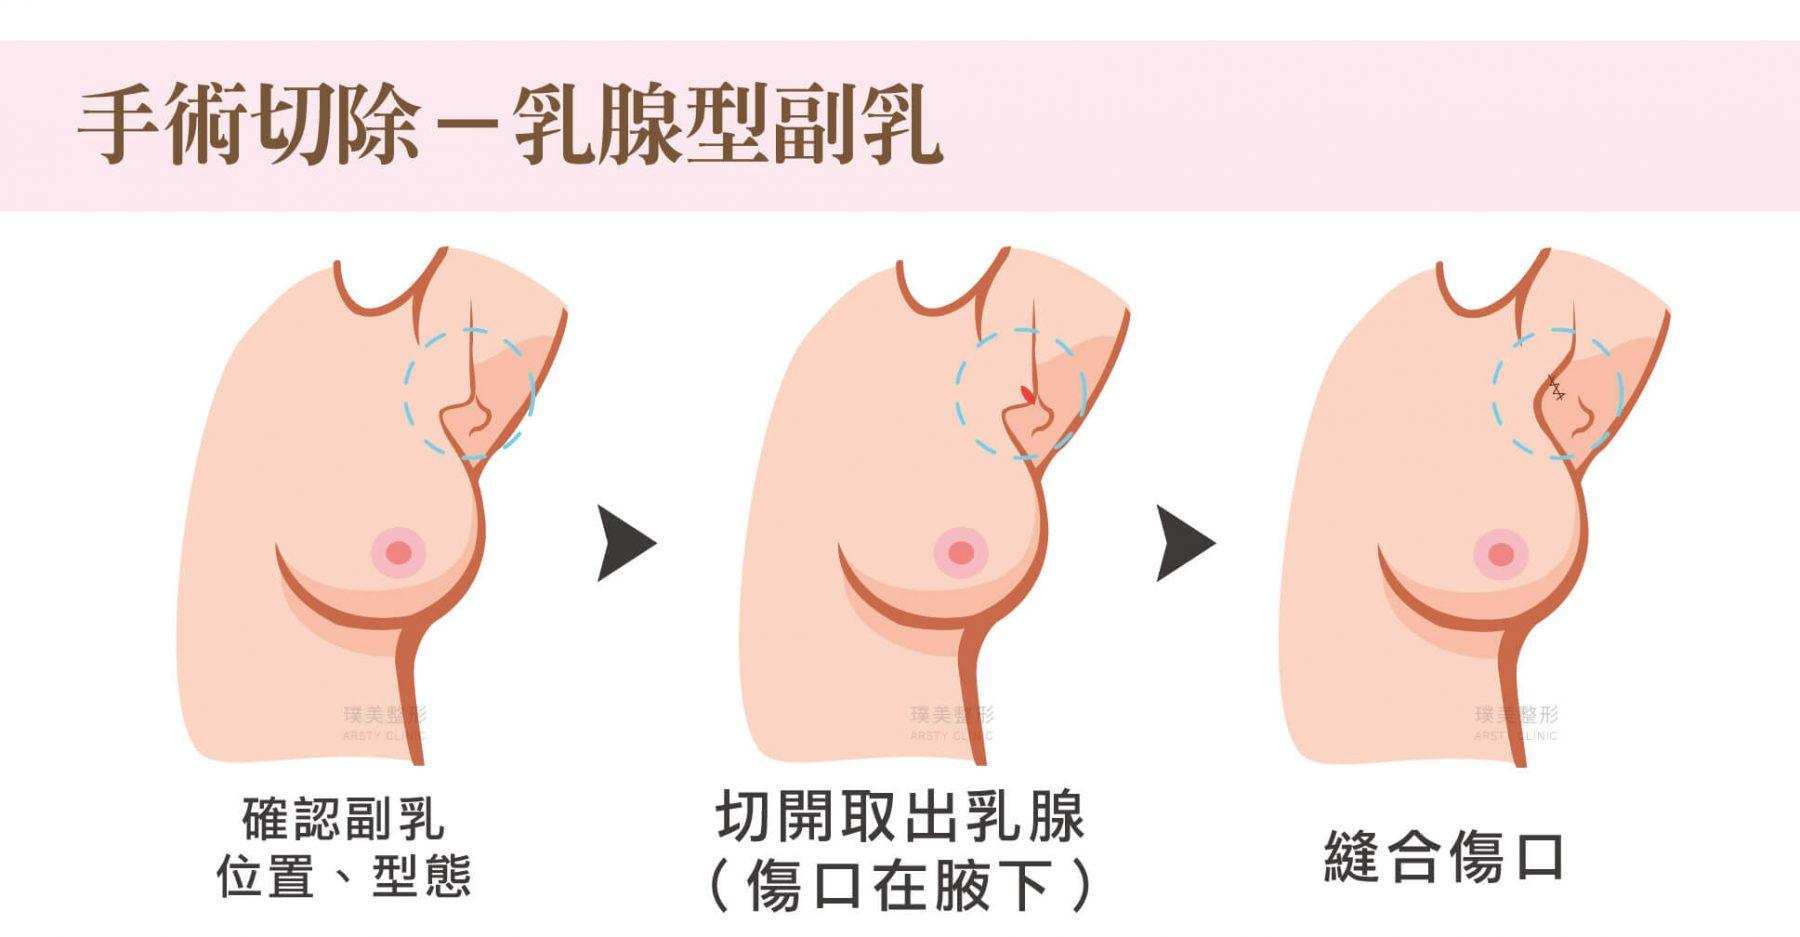 副乳手術方式,手術切除,乳腺型副乳